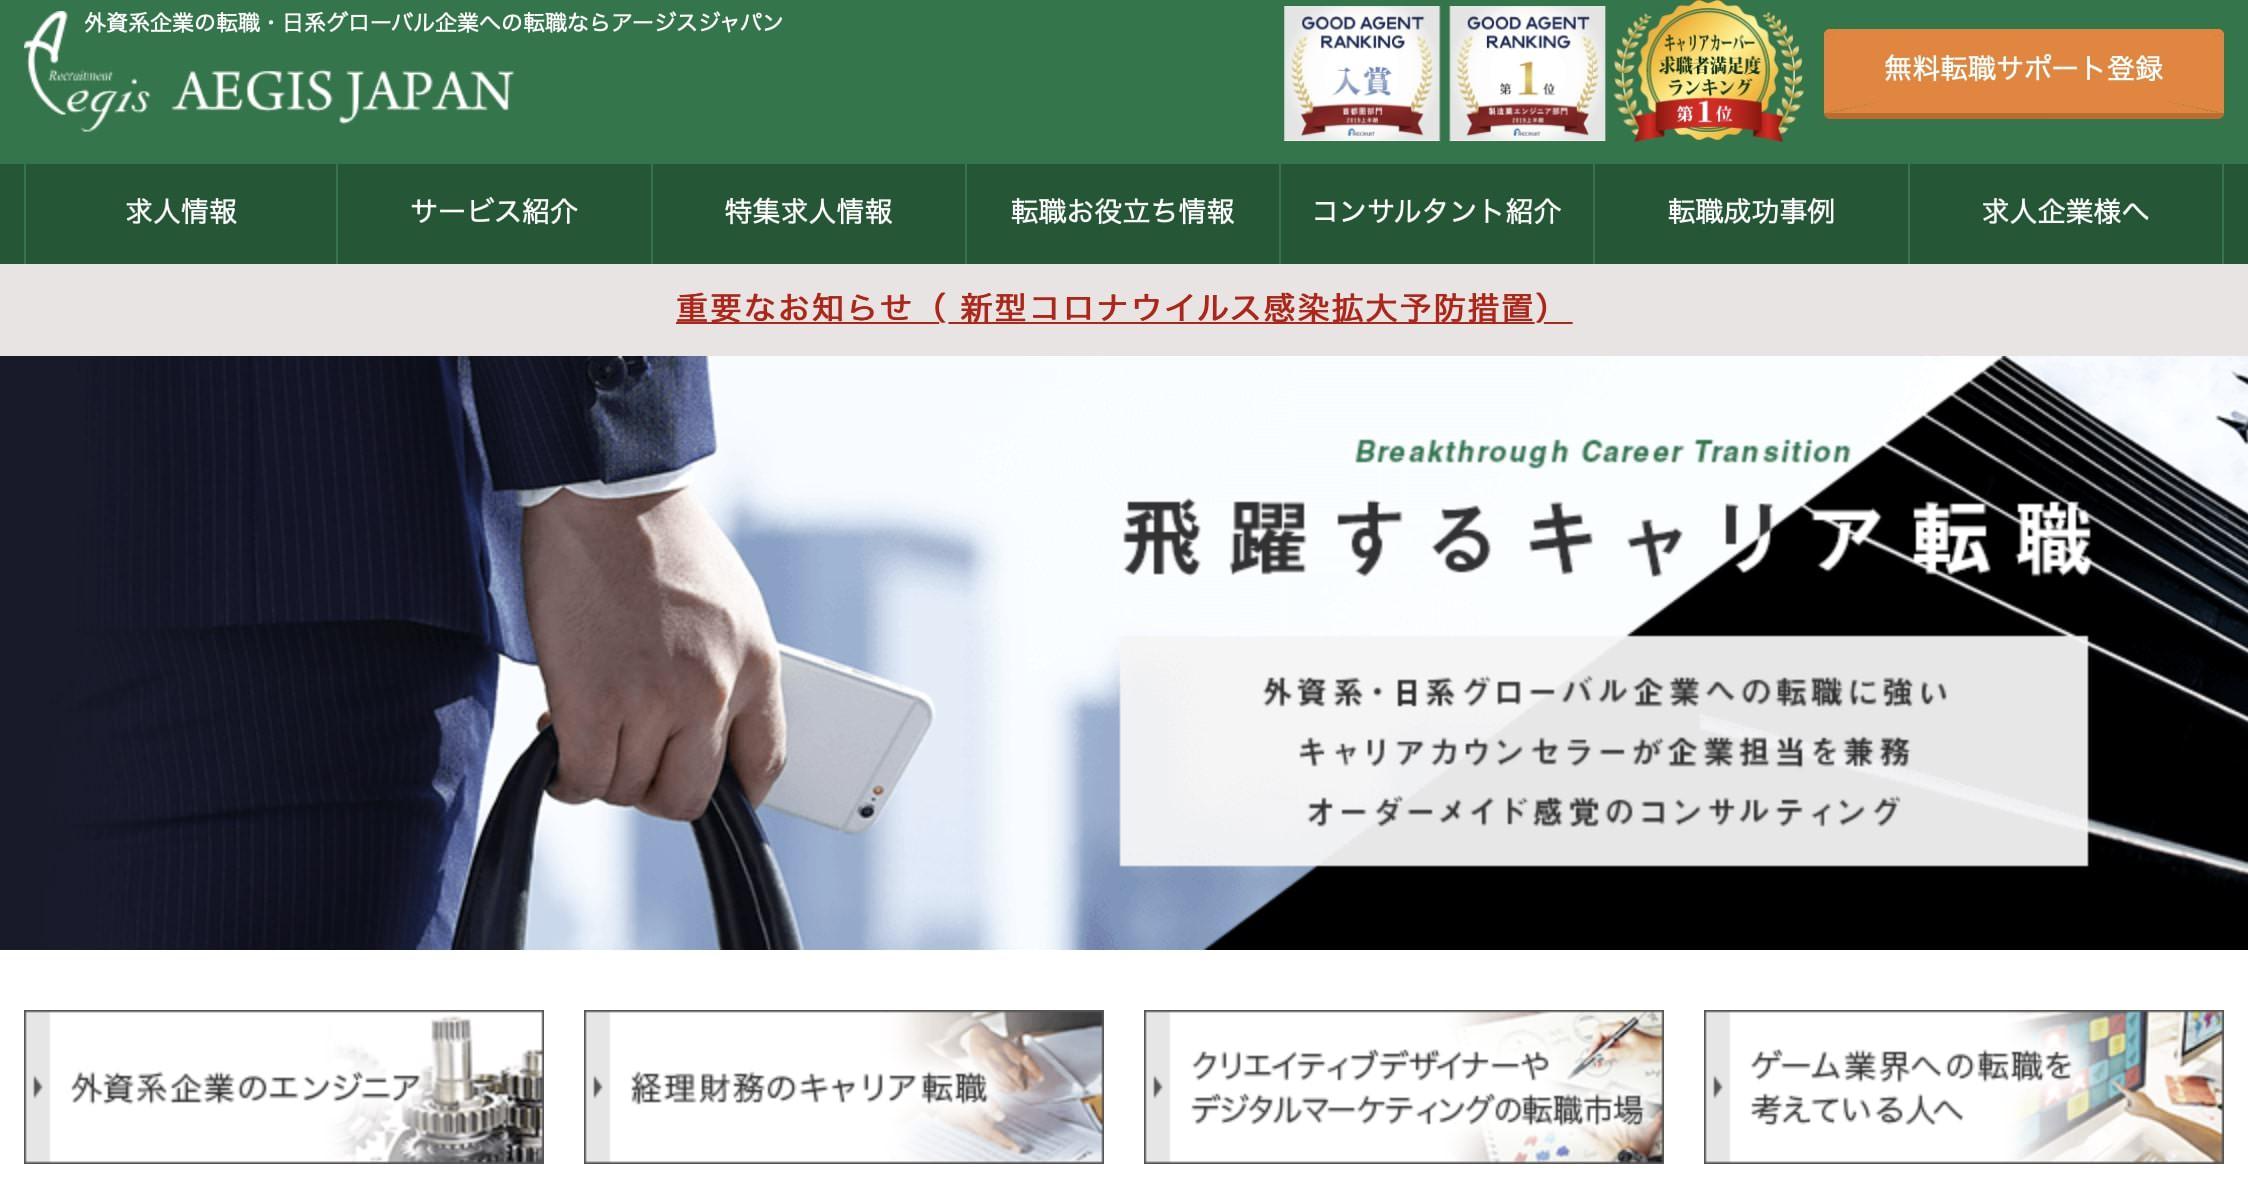 アージスジャパンのトップページ